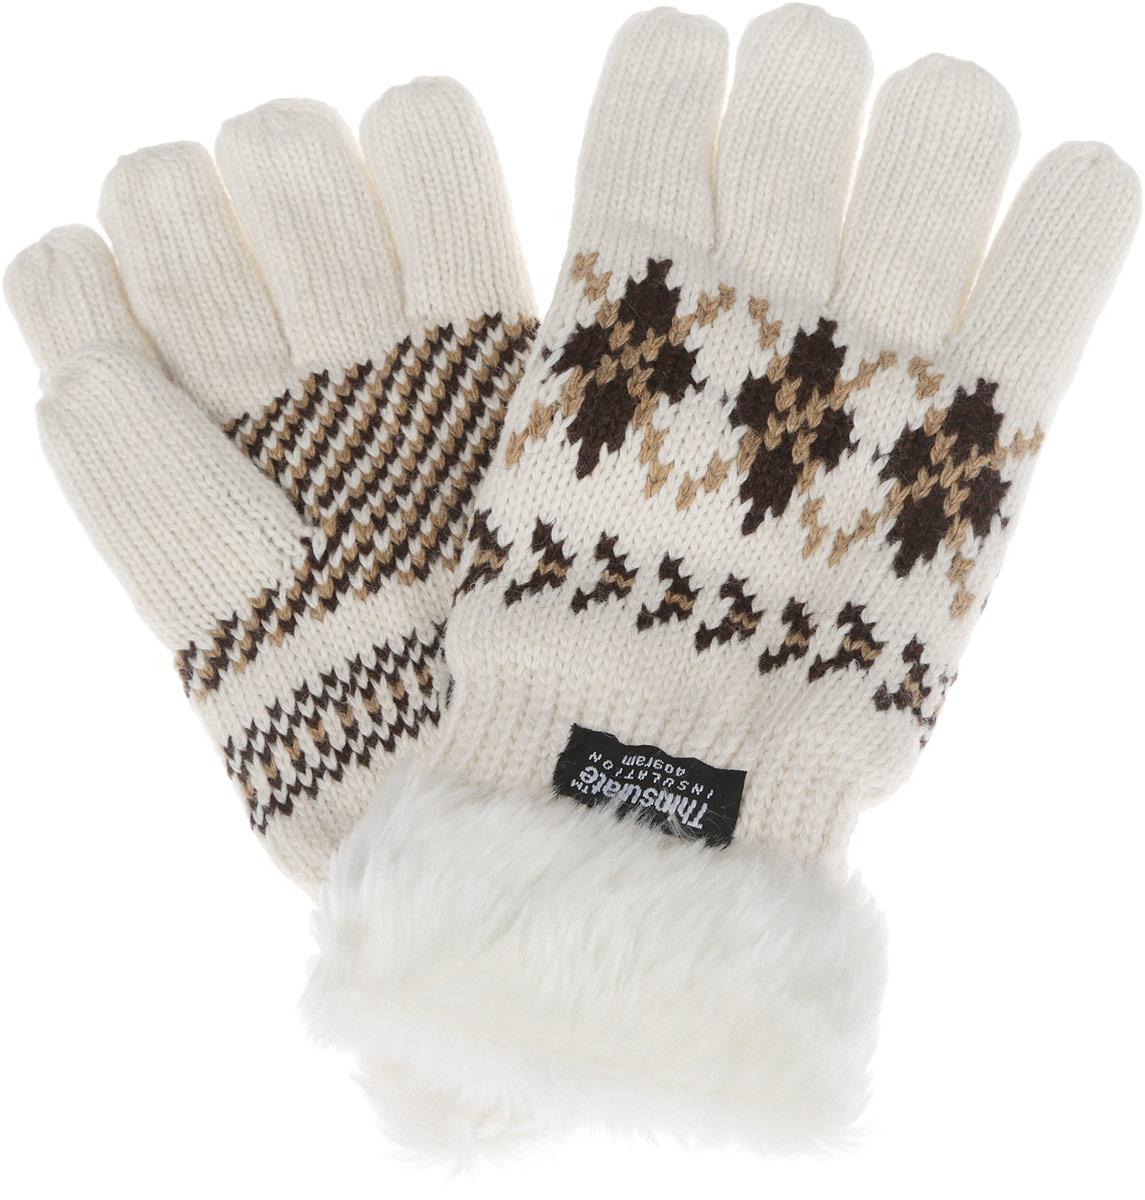 Перчатки женские. W45W45Теплые вязаные женские перчатки Modo Gru станут великолепным дополнением вашего образа и защитят ваши руки от холода и ветра во время прогулок. Перчатки выполнены из шерсти с добавлением нейлона, подкладка выполнена из флиса и уникального утеплителя Thinsulate, что позволяет перчаткам надежно сохранять тепло, великолепно отводить влагу от тела и обеспечивает удобство и комфорт при носке. Модель оформлена стильным скандинавским орнаментом и дополнена искусственным мехом по краю манжеты. Такие перчатки будут оригинальным завершающим штрихом в создании современного модного образа, они подчеркнут ваш изысканный вкус и станут незаменимым и практичным аксессуаром.